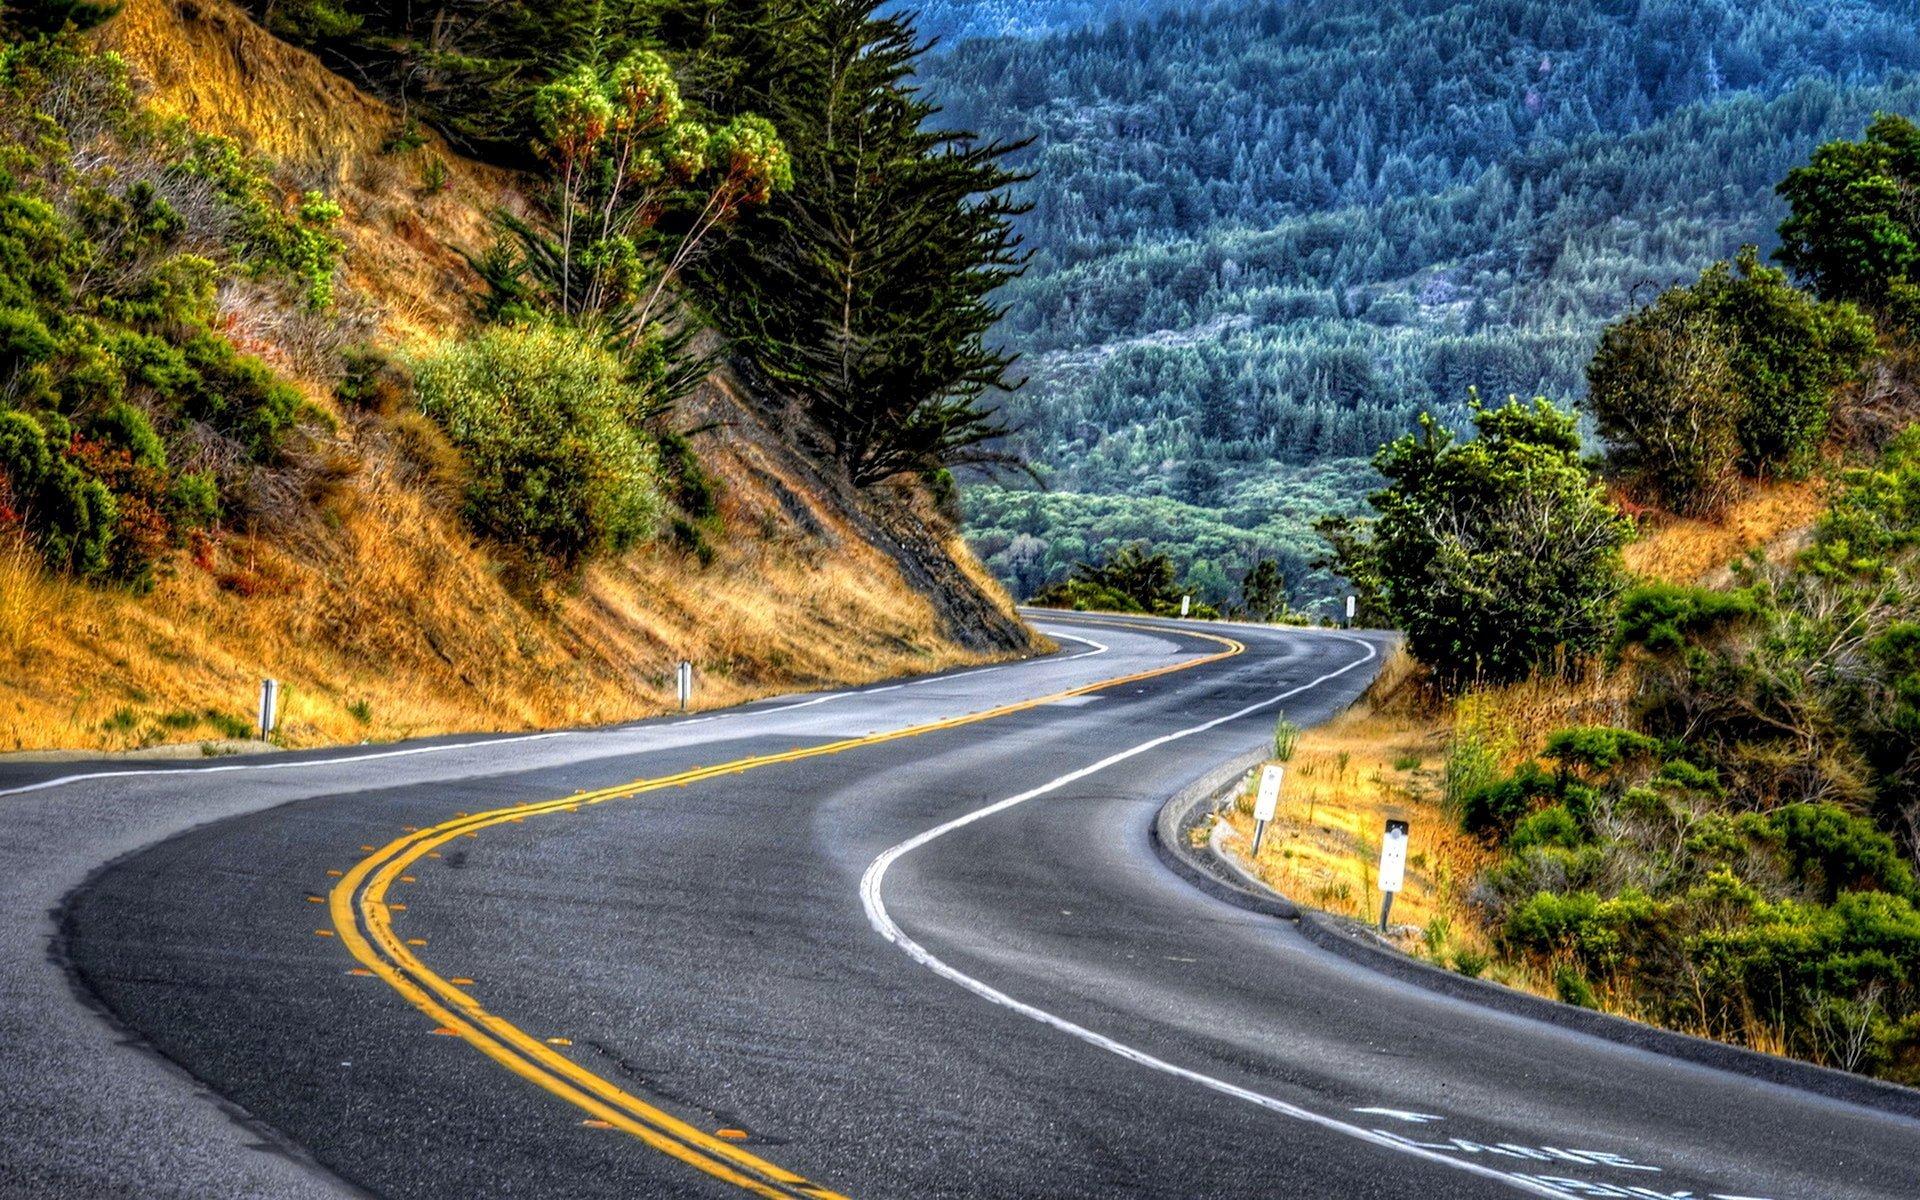 красивые картинками с дорогами разработали